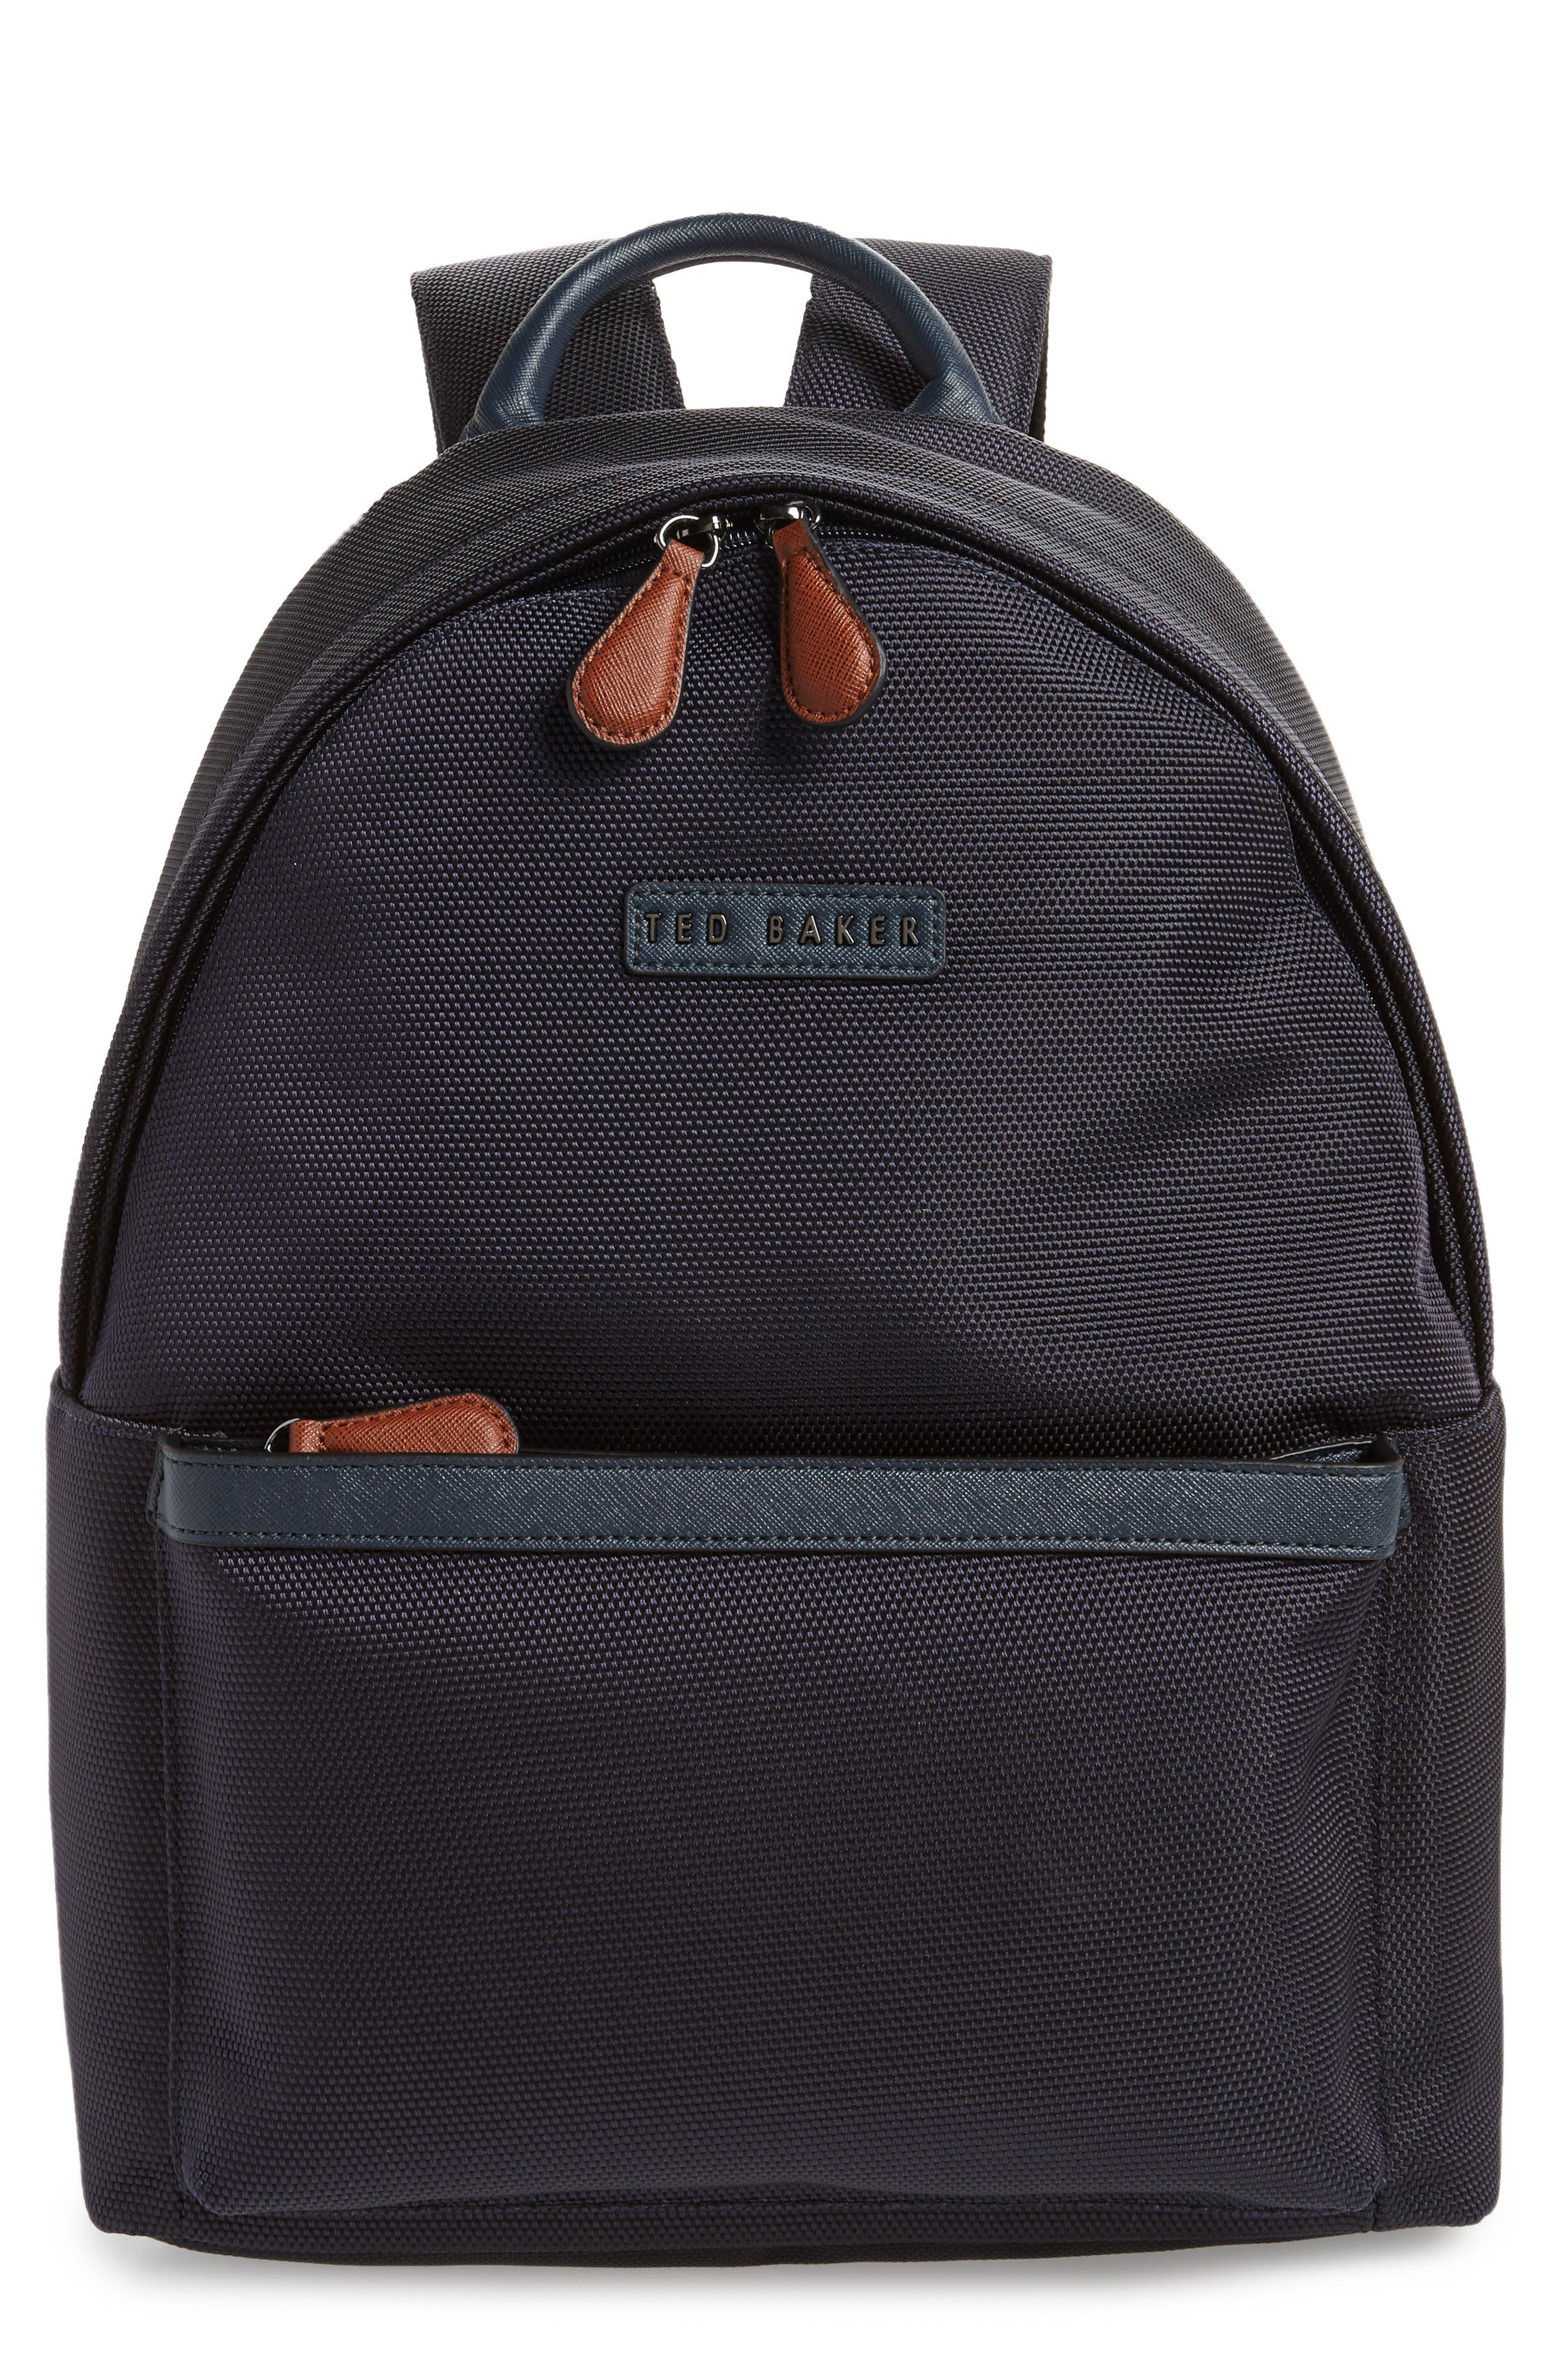 Brakes Backpack,                             Main thumbnail 1, color,                             410